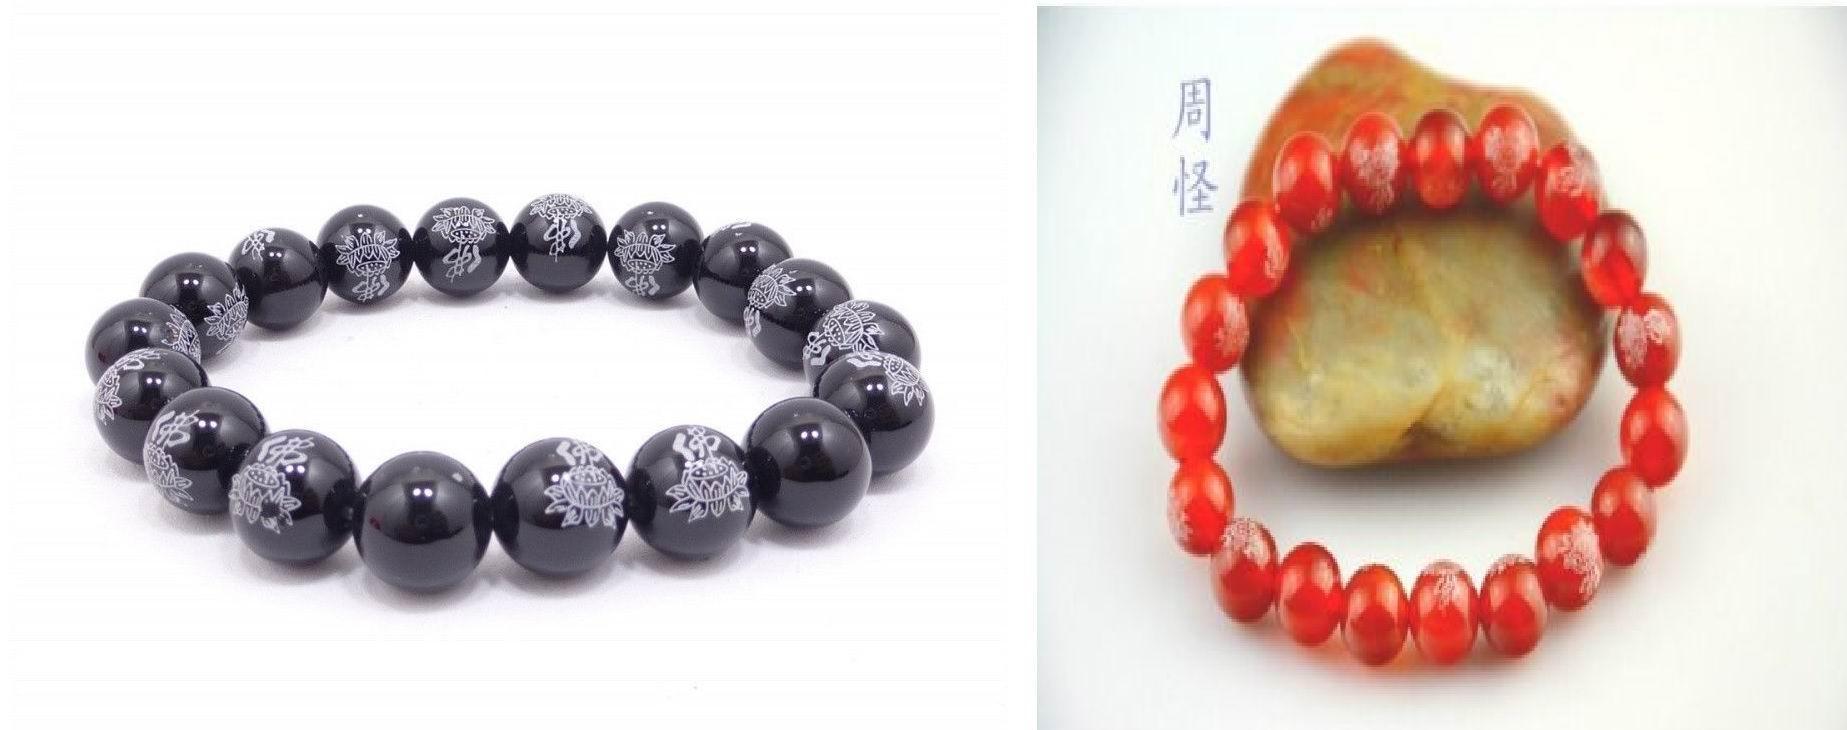 중국 불상 단어 Onyx agate 보석 10mm / 18 구슬 불교기도 팔찌 말라